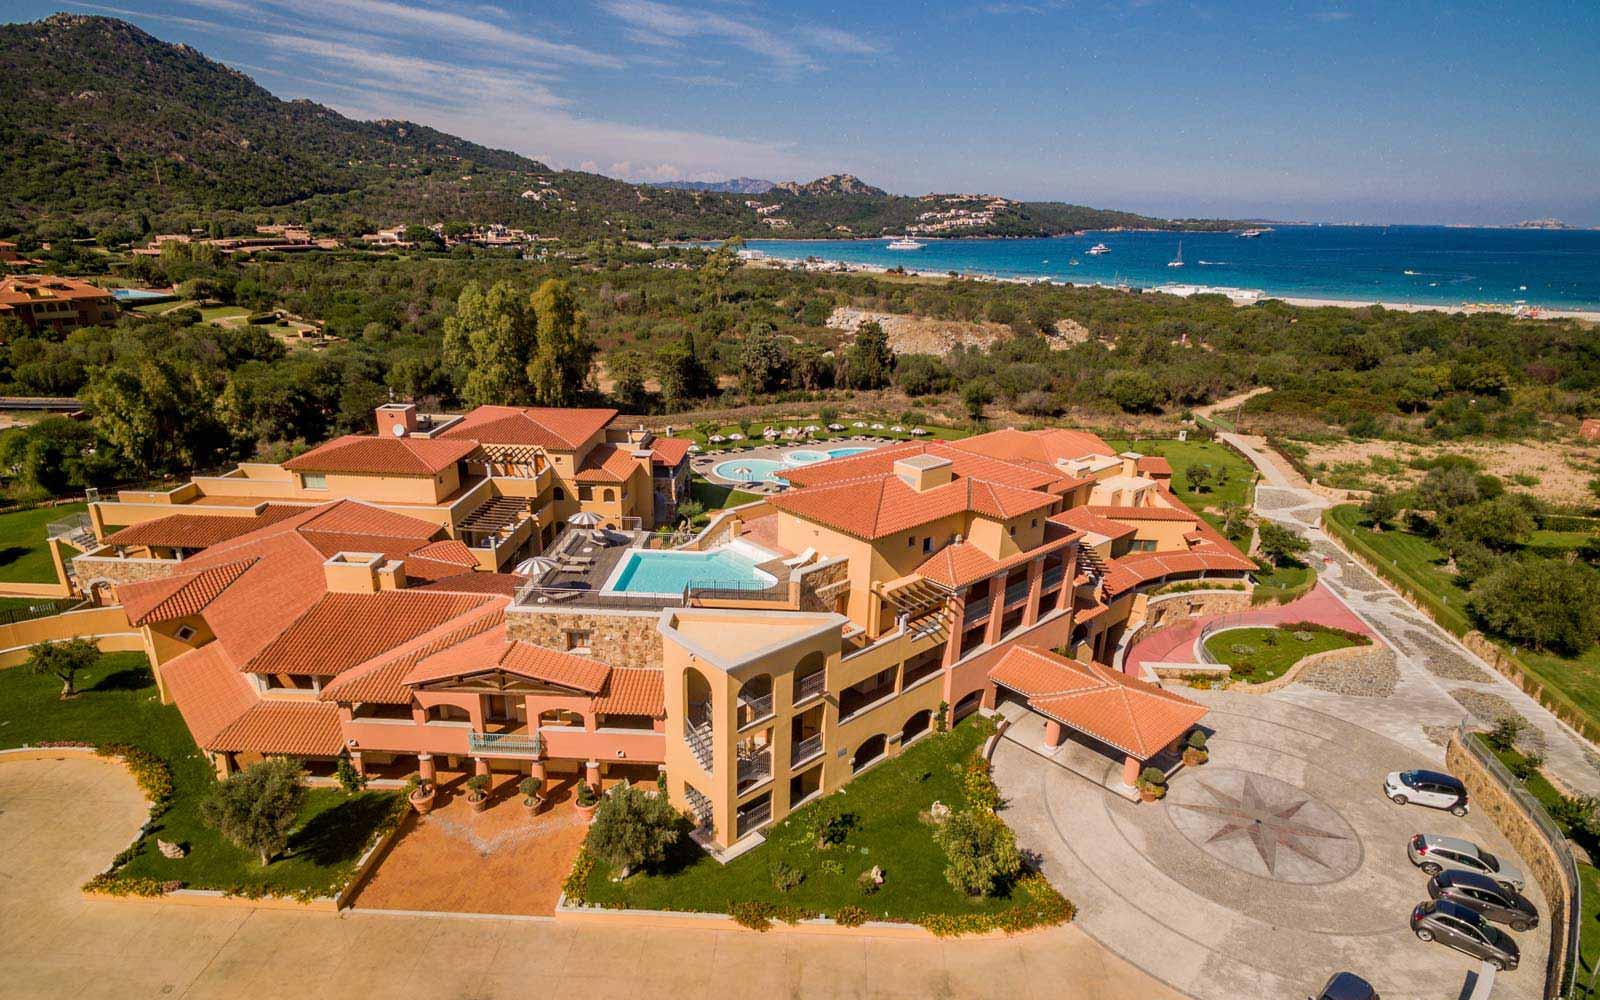 Aerial view of Hotel Marana